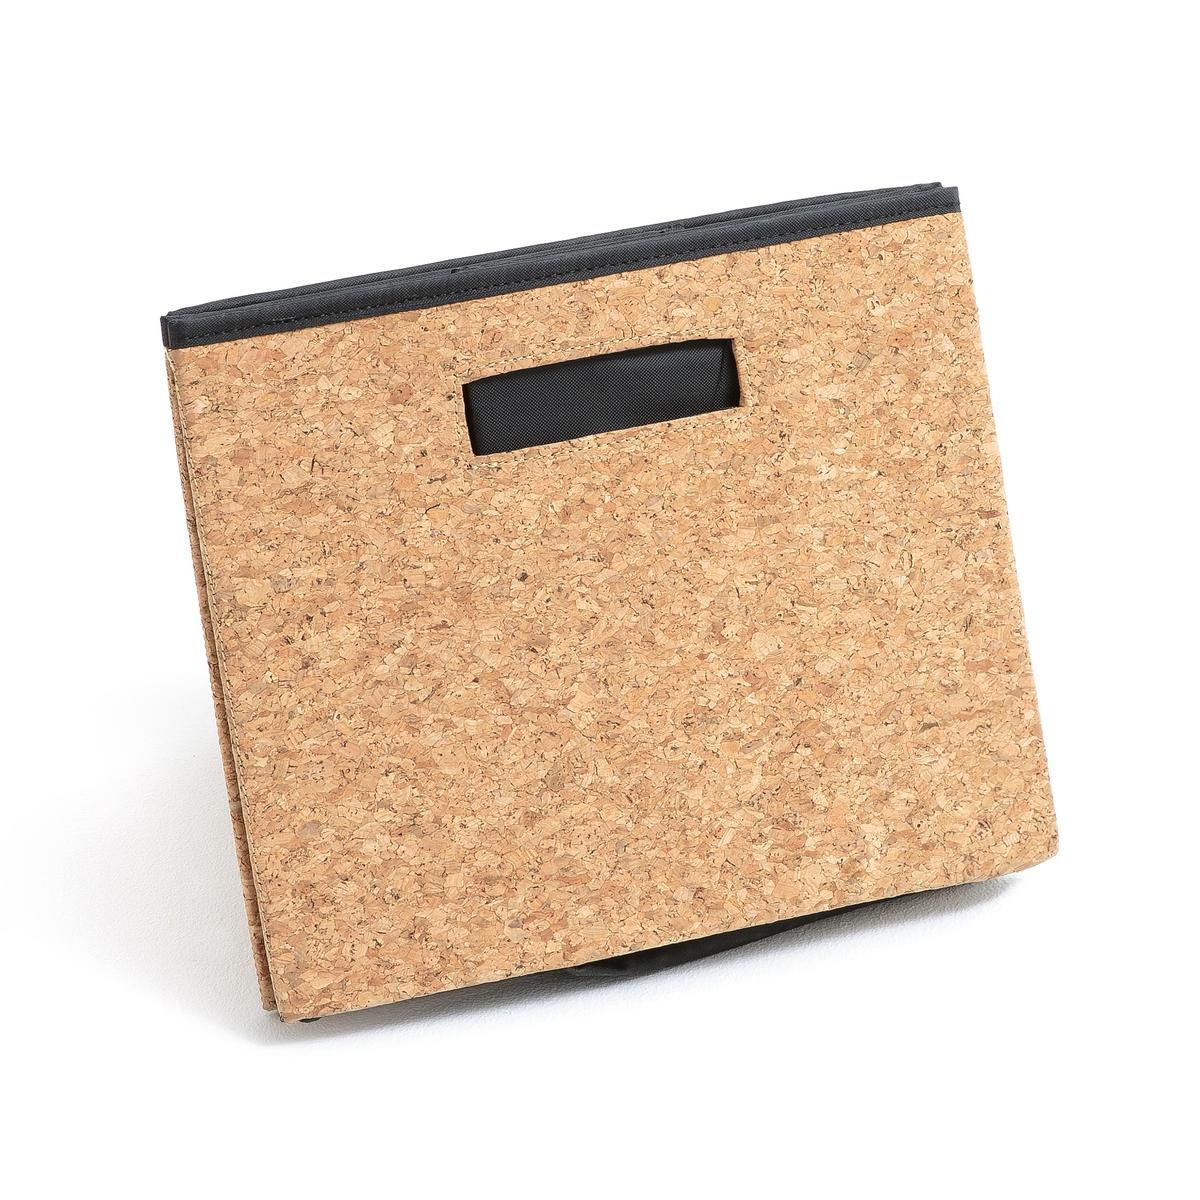 Коробка для хранения складная из пробки, размер MОписание:Коробка для хранения складная из пробки . Из натурального материала, отлично подойдет для хранения ваших книг, платков или других аксессуаров... Описание коробки : Из пробки Прямоугольная формаСкладной 2 ручки.Каркас из картона Подкладка из вшитого полиэстера Съемное дно Размеры :H25 x 40 x 30 см Расцветка : Натуральная Размеры и вес упаковки :38 x 6,5 x 31 см1,2 кг<br><br>Цвет: серо-бежевый